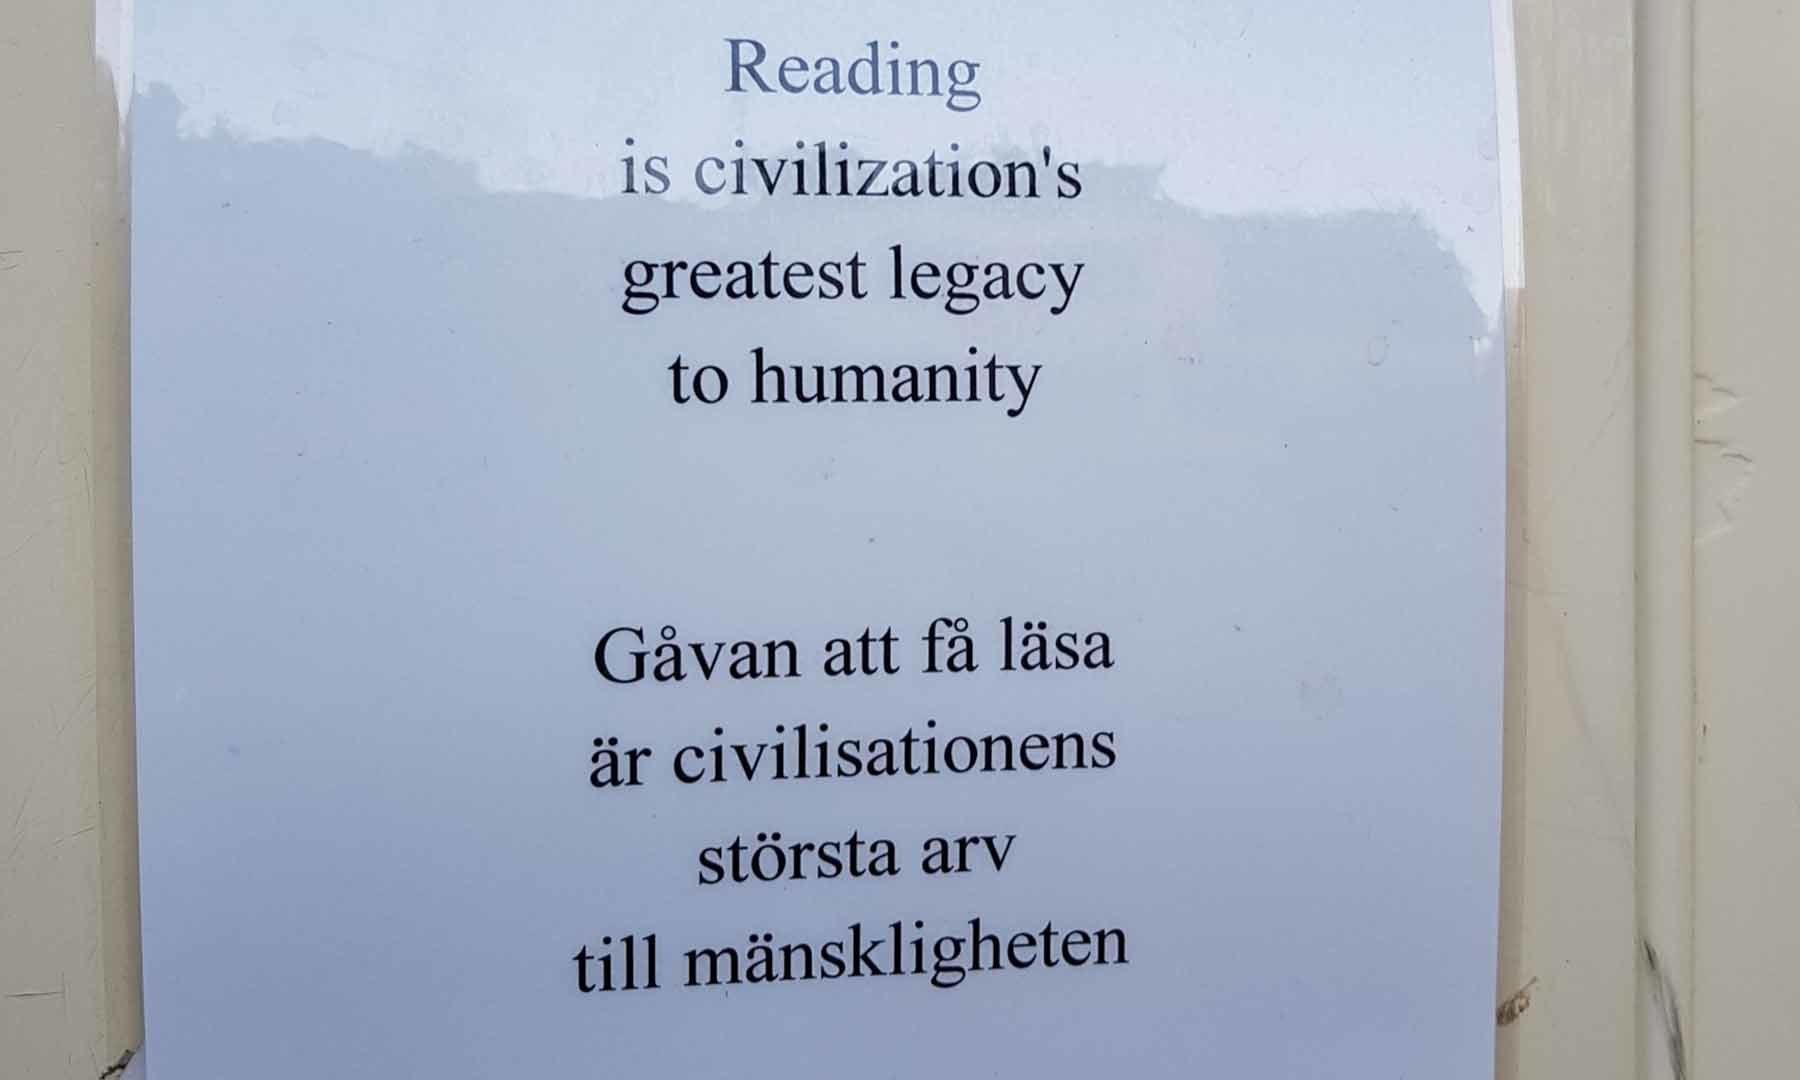 سوئیڈن میں کتب کے ساتھ یہ نوٹ چسپاں تھا کہ 'تہذیب کا انسانیت کو سب سے عظیم تحفہ کتب بینی ہے'—تصویر عارف محمود کسانہ